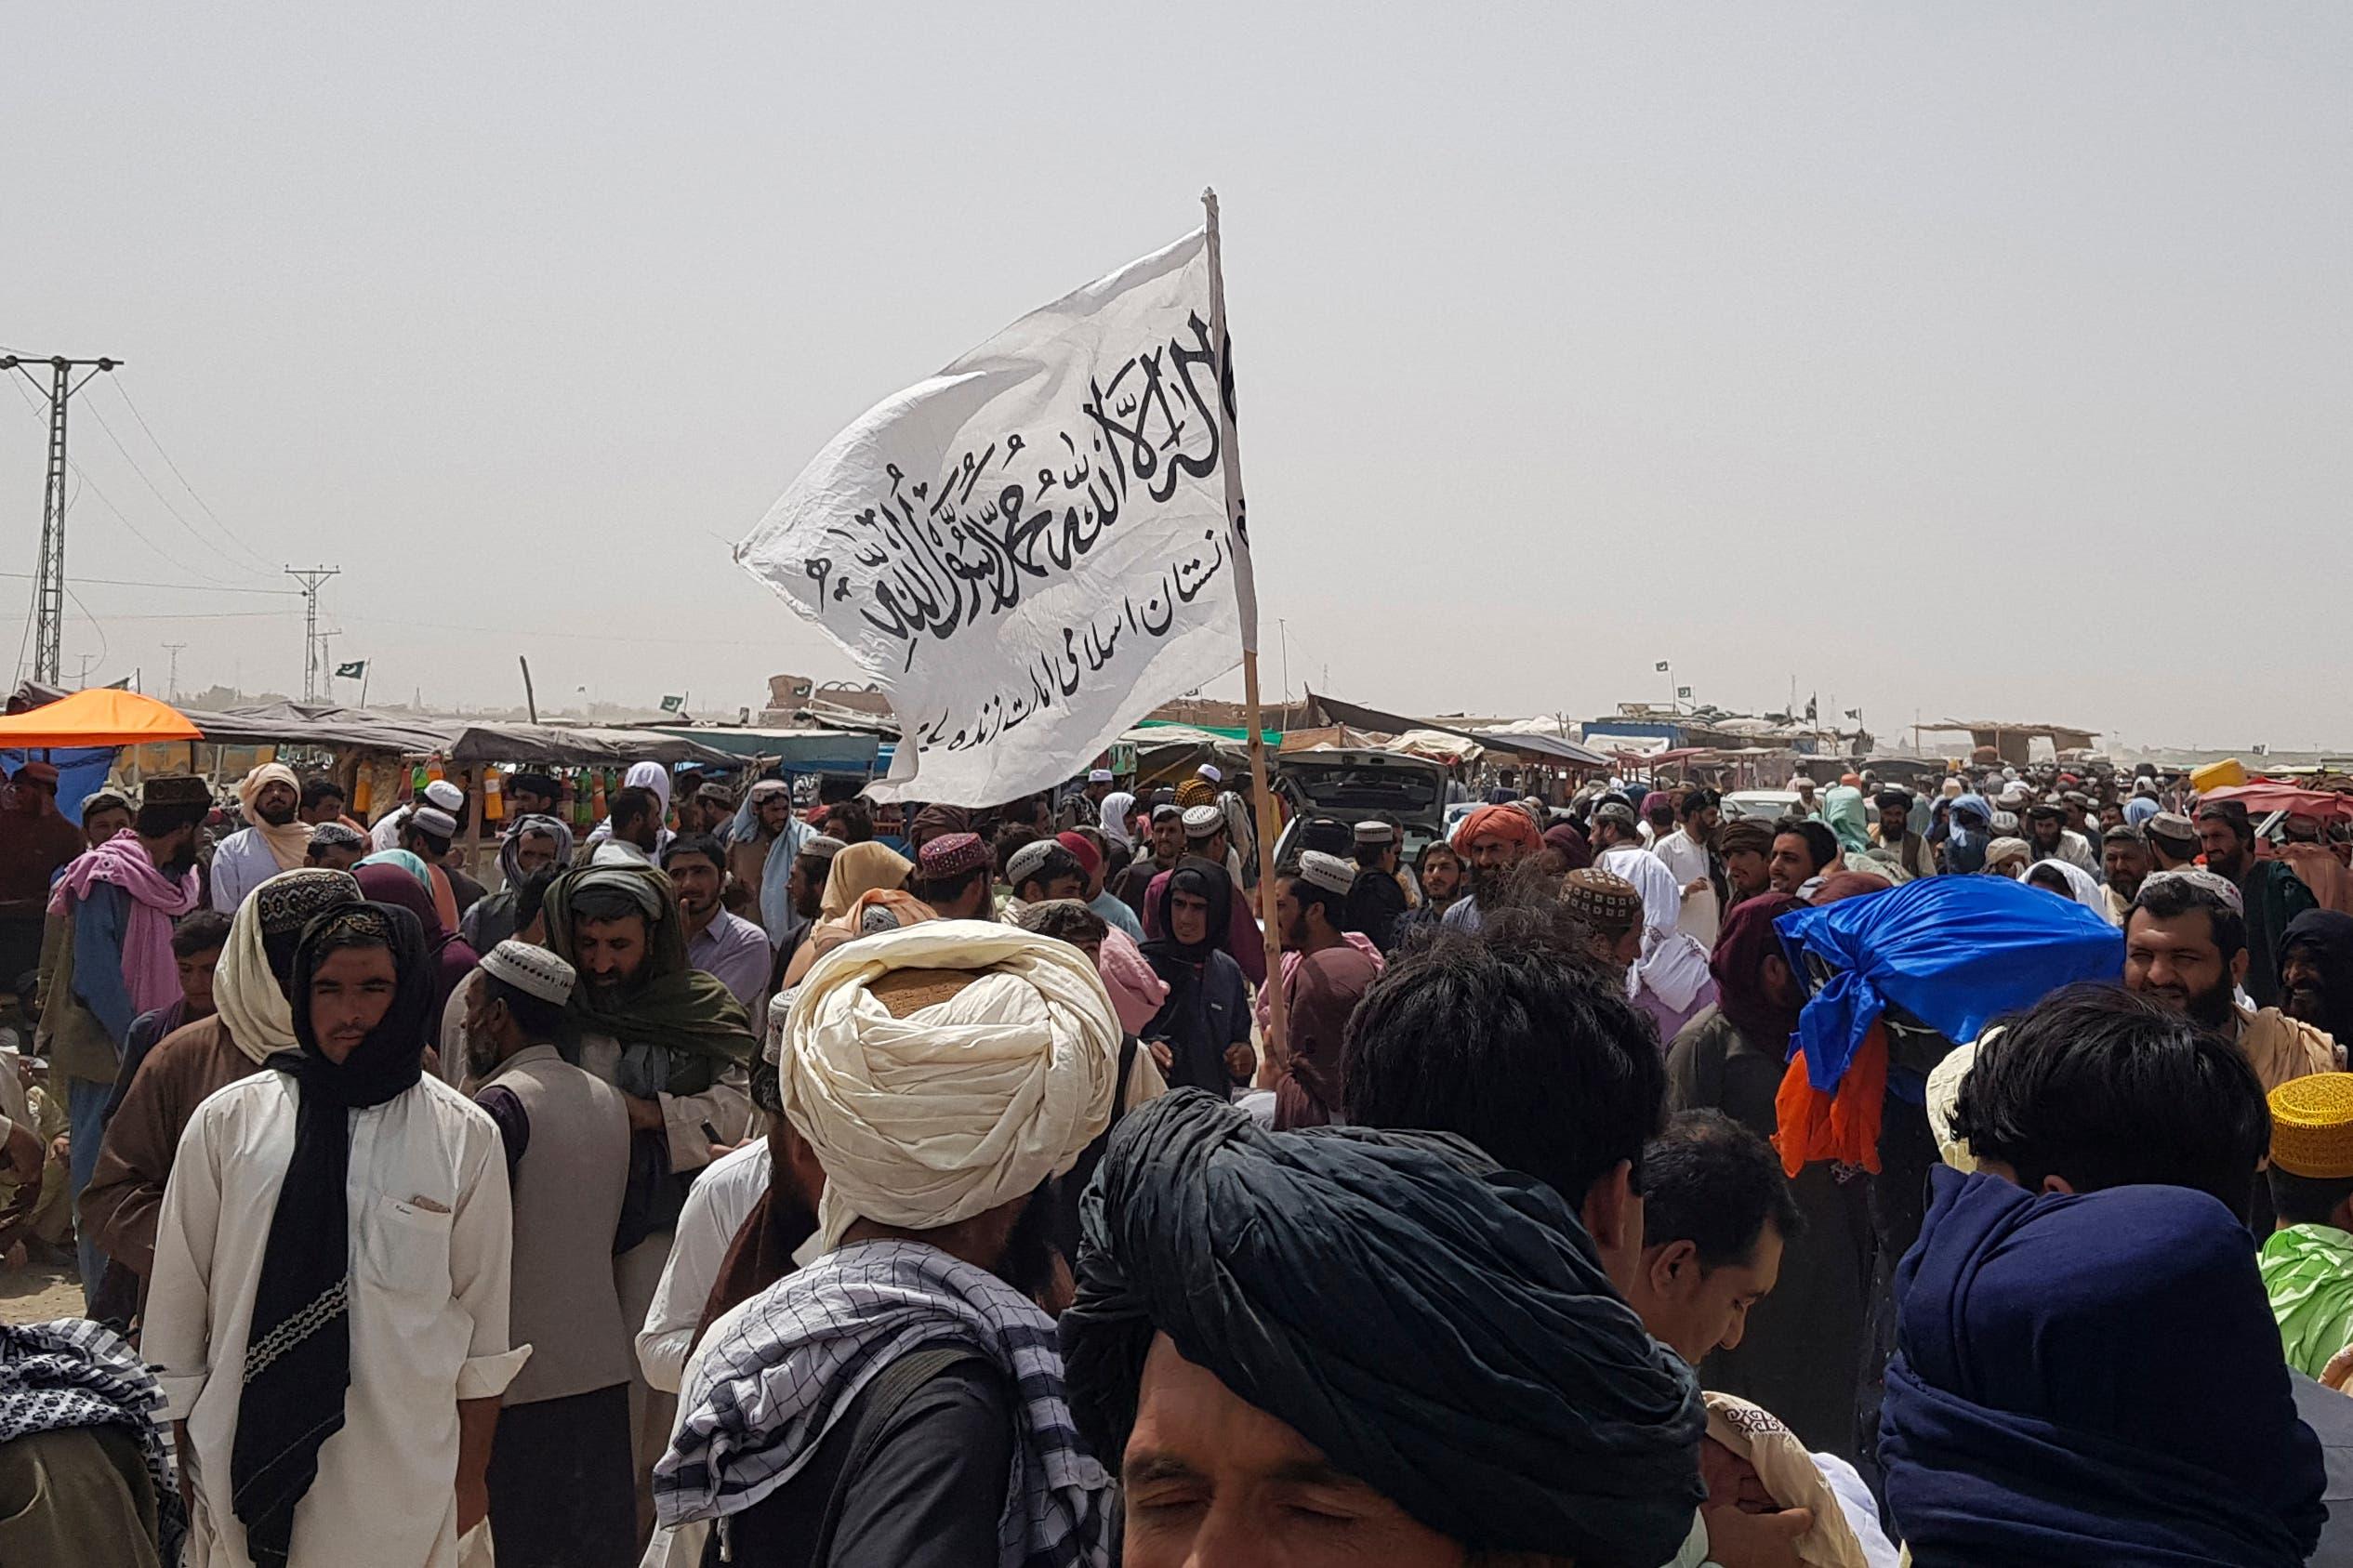 سكان في منطقة أفغانية قريبة من حدود باكستان يتجمعون حول علم طالبان بعد أنباء عن إفراجها عن السجناء